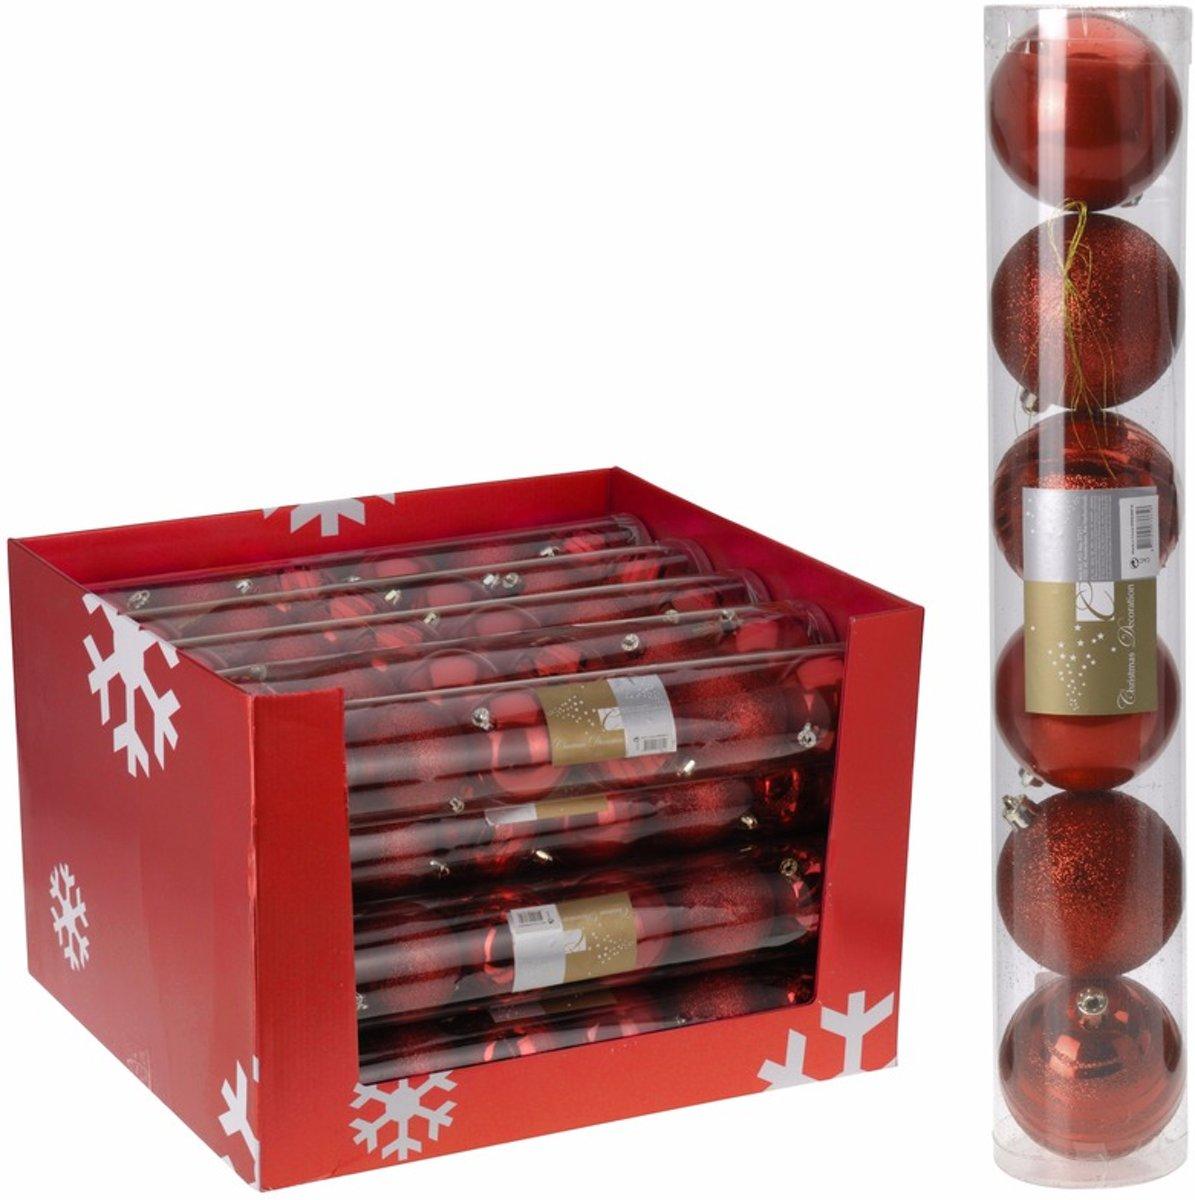 12x Kerstboom decoratie - kerstballen mix rood 7 cm kopen